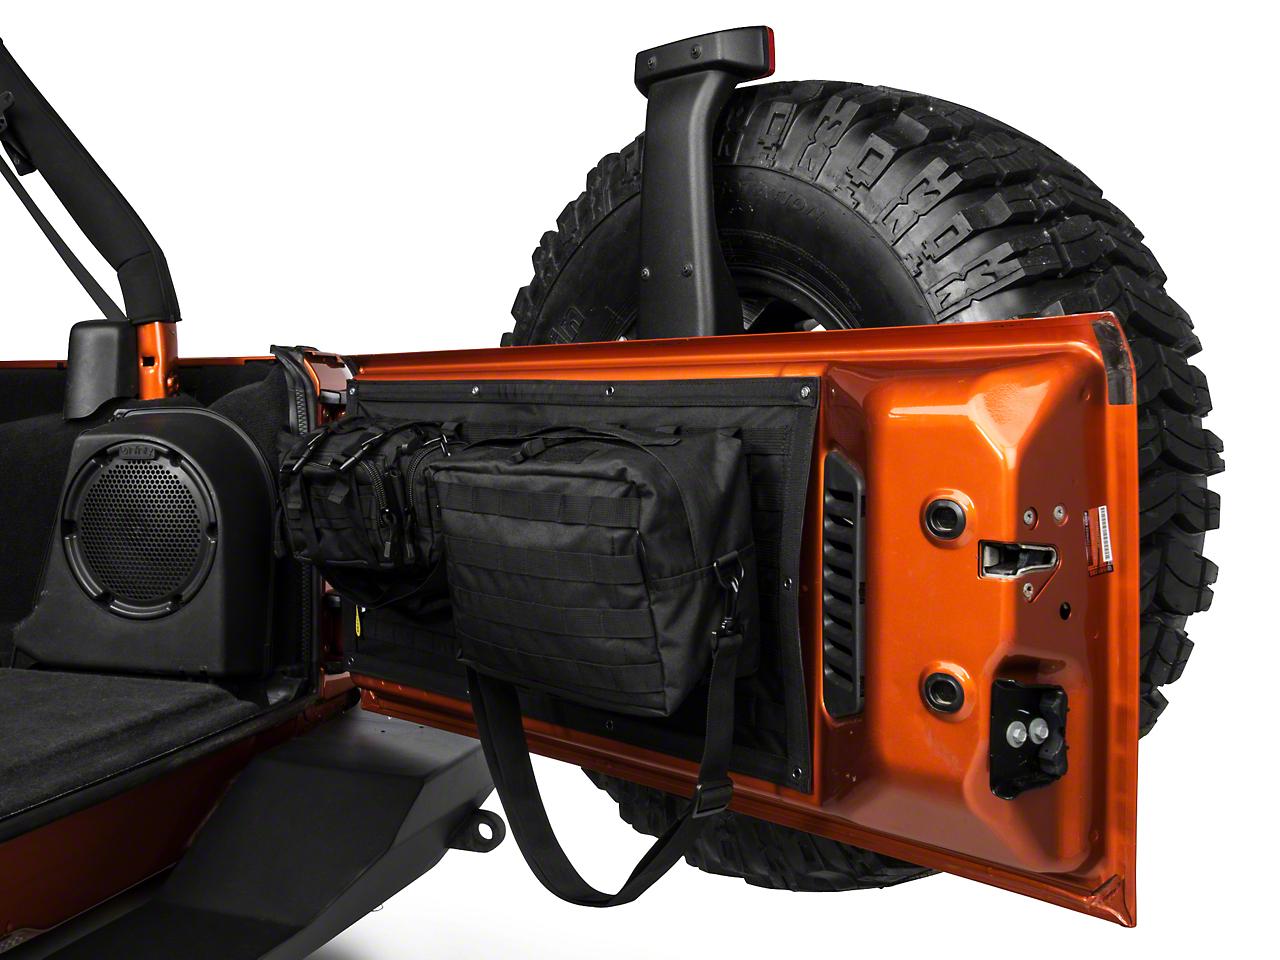 Smittybilt GEAR Tailgate Cover - Black (07-17 Wrangler JK)